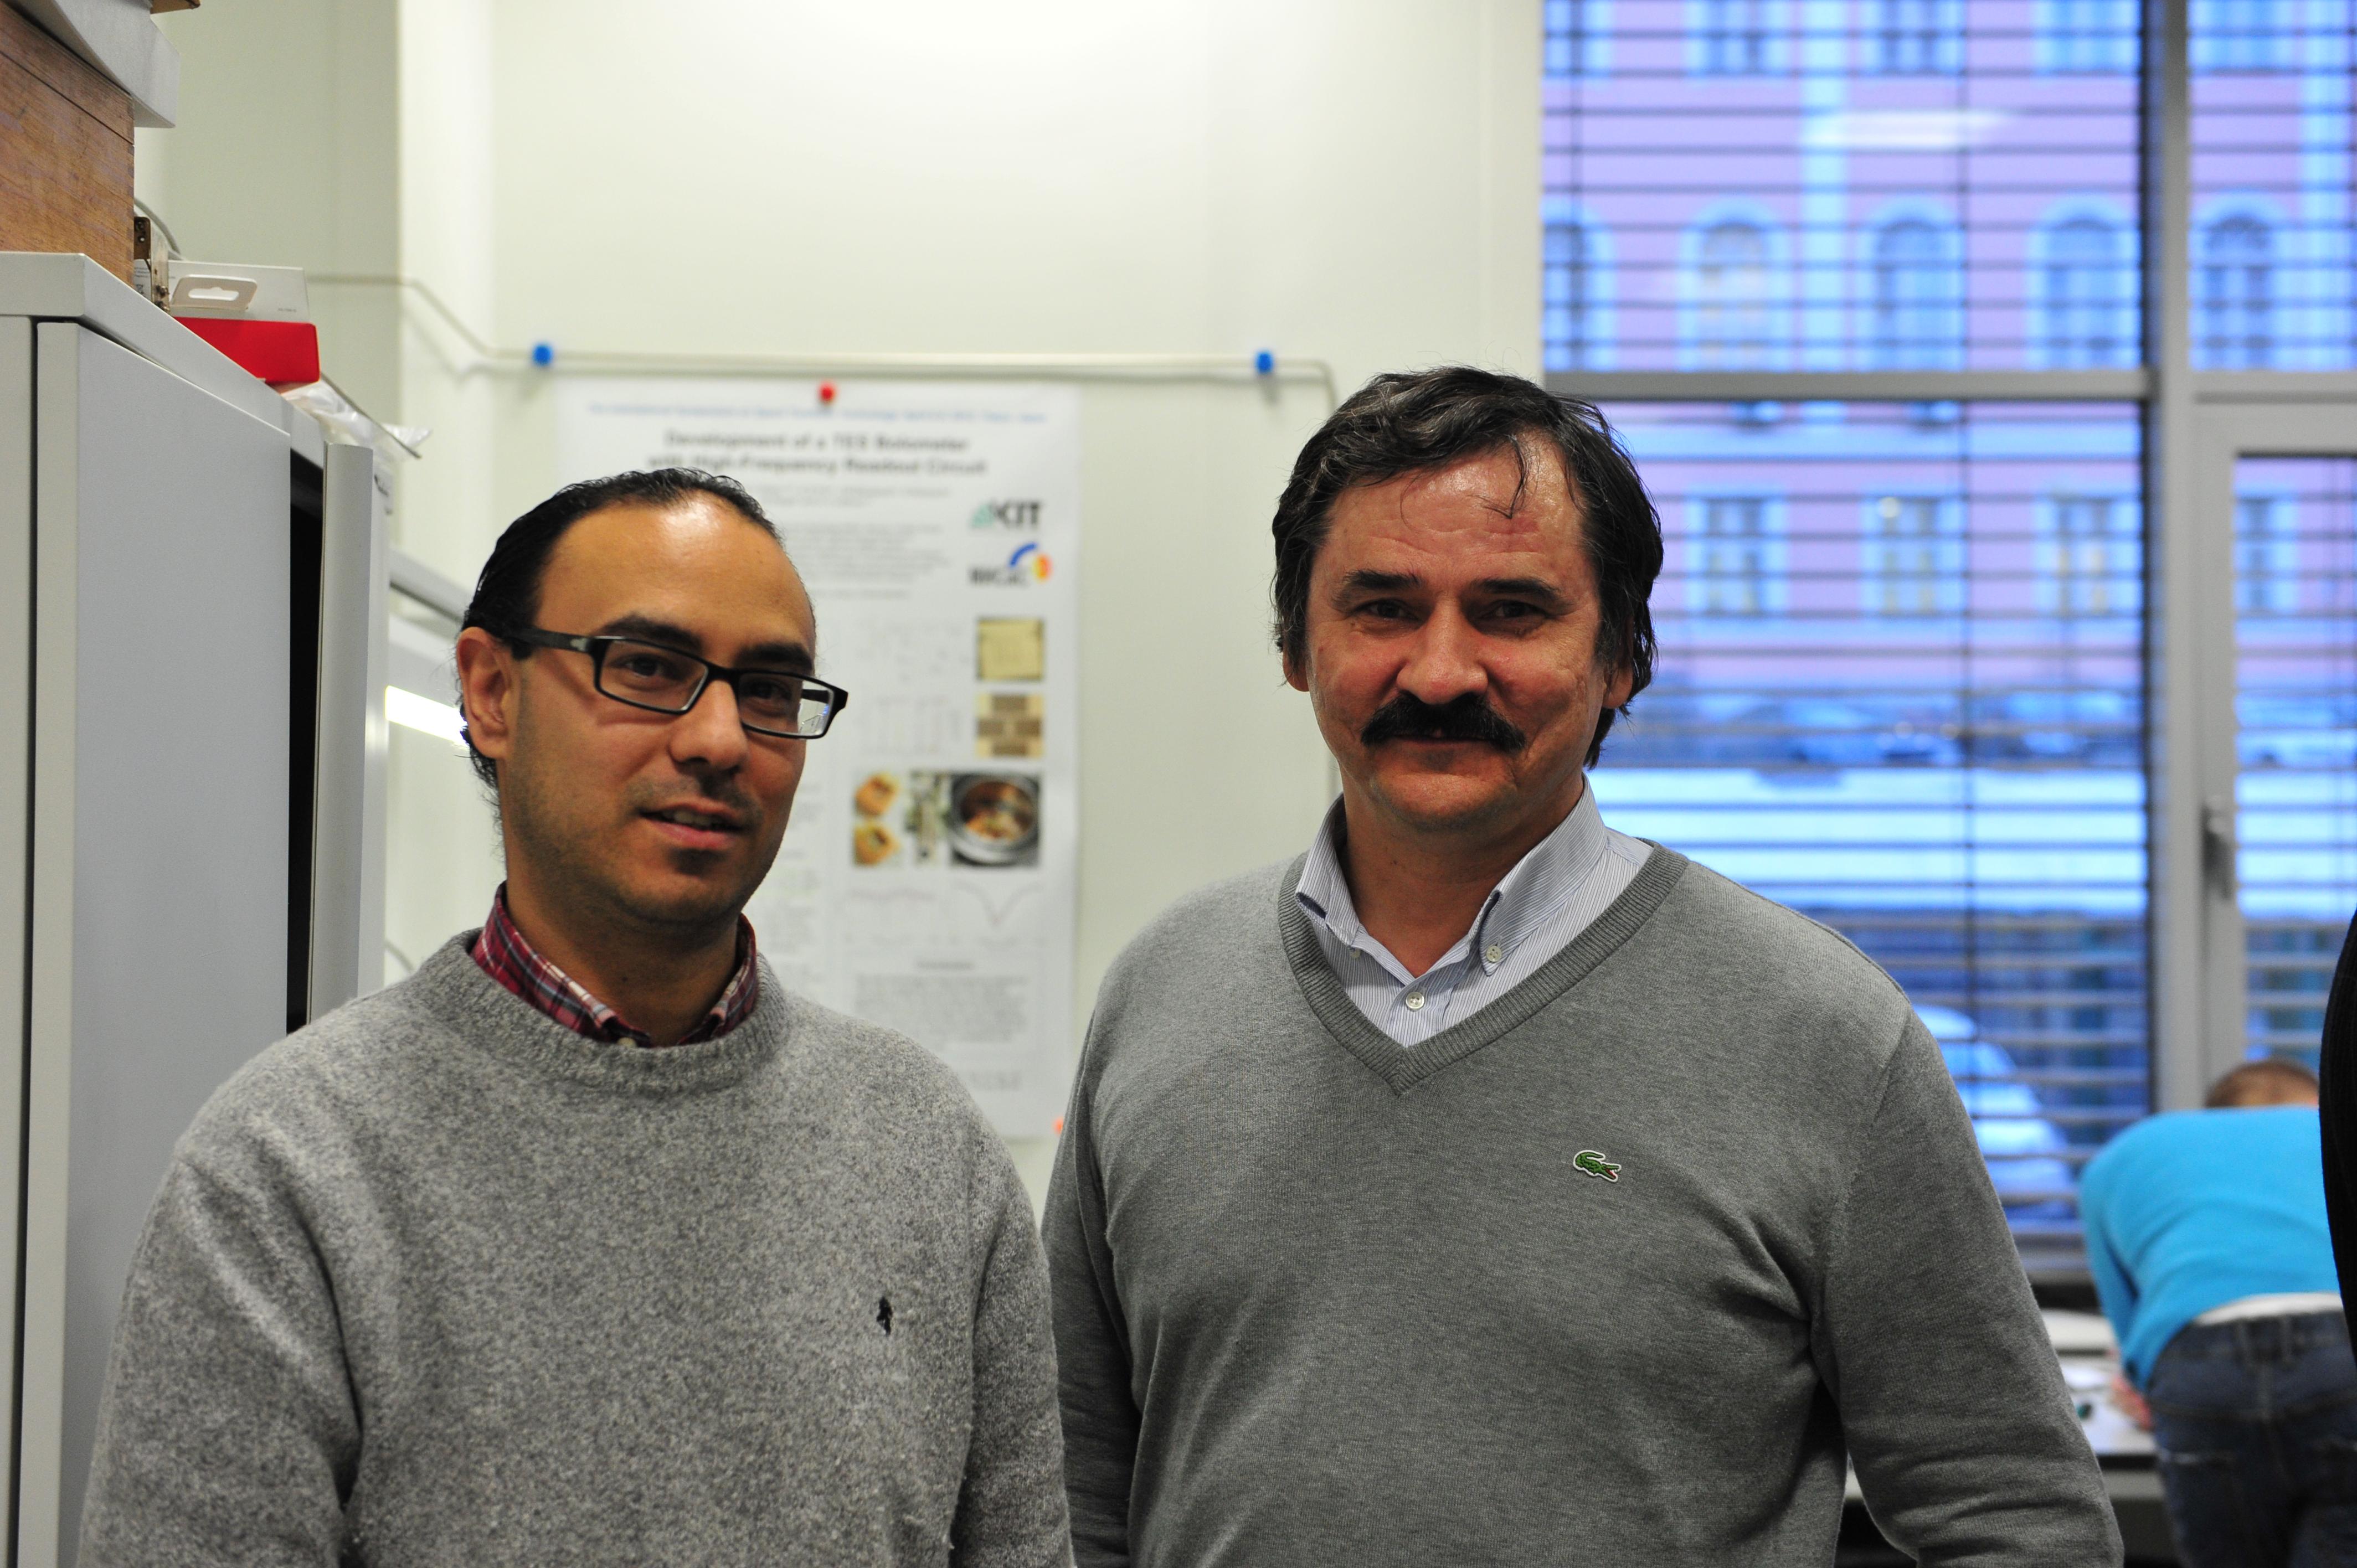 С научным руководителем профессором Валерием Рязановым. Ноябрь 2015 г